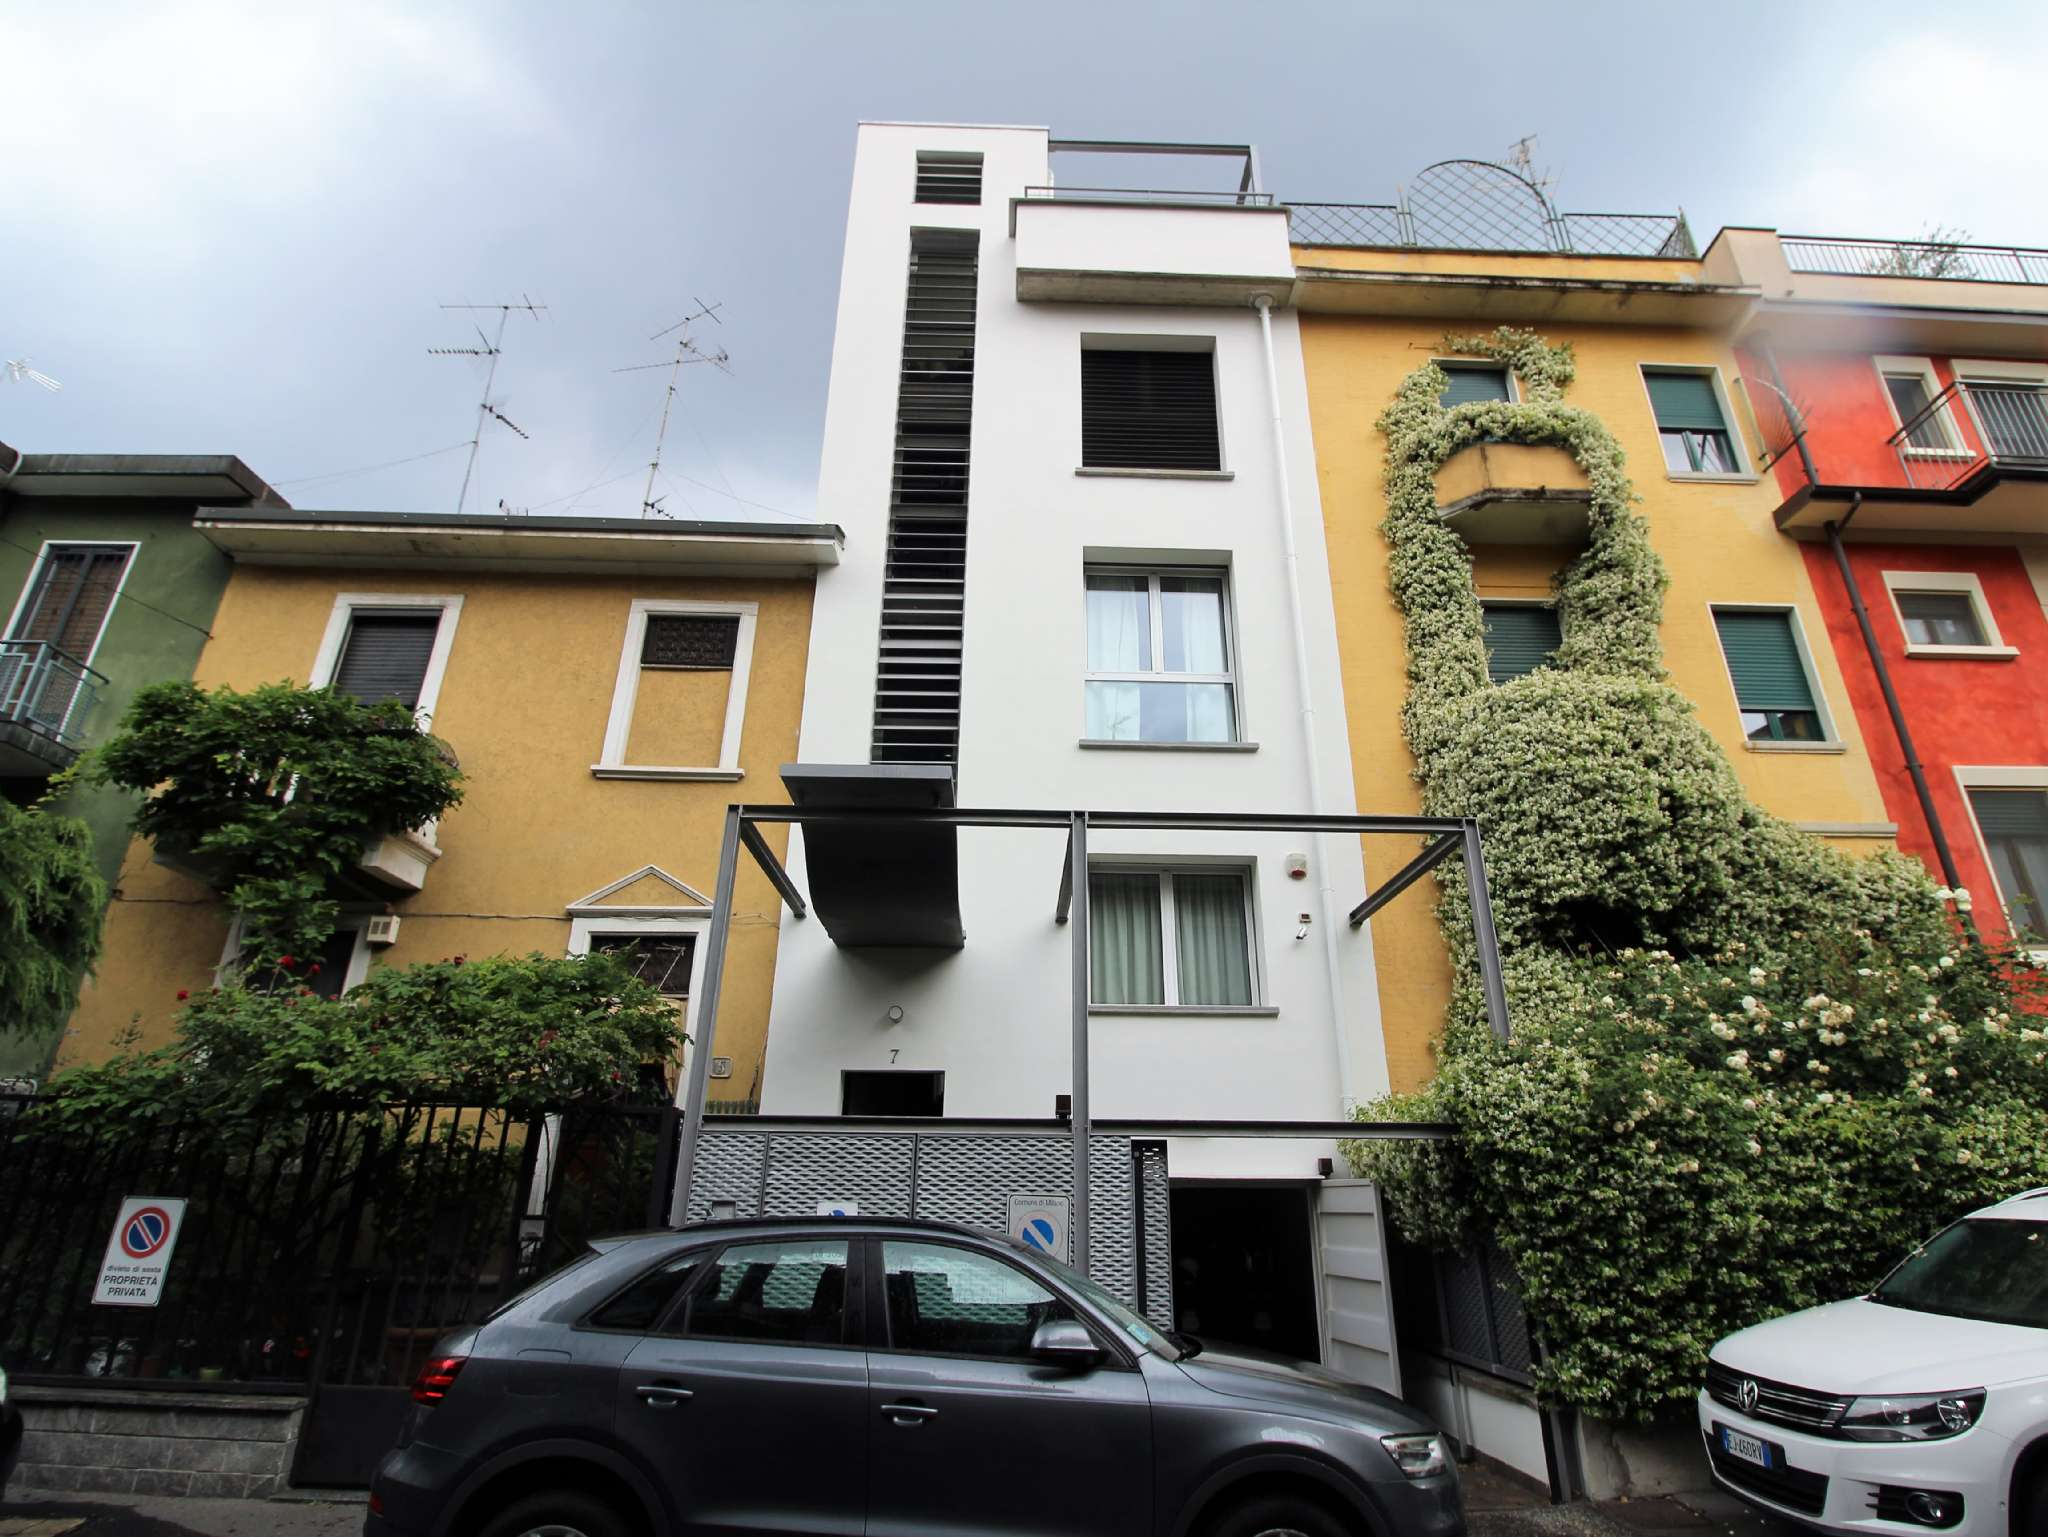 Villa a Schiera in vendita a Milano, 5 locali, zona Zona: 6 . V Giornate, XXII Marzo, P.ta Romana, Viale Corsica, Tribunale, Policlinico, prezzo € 1.150.000 | CambioCasa.it